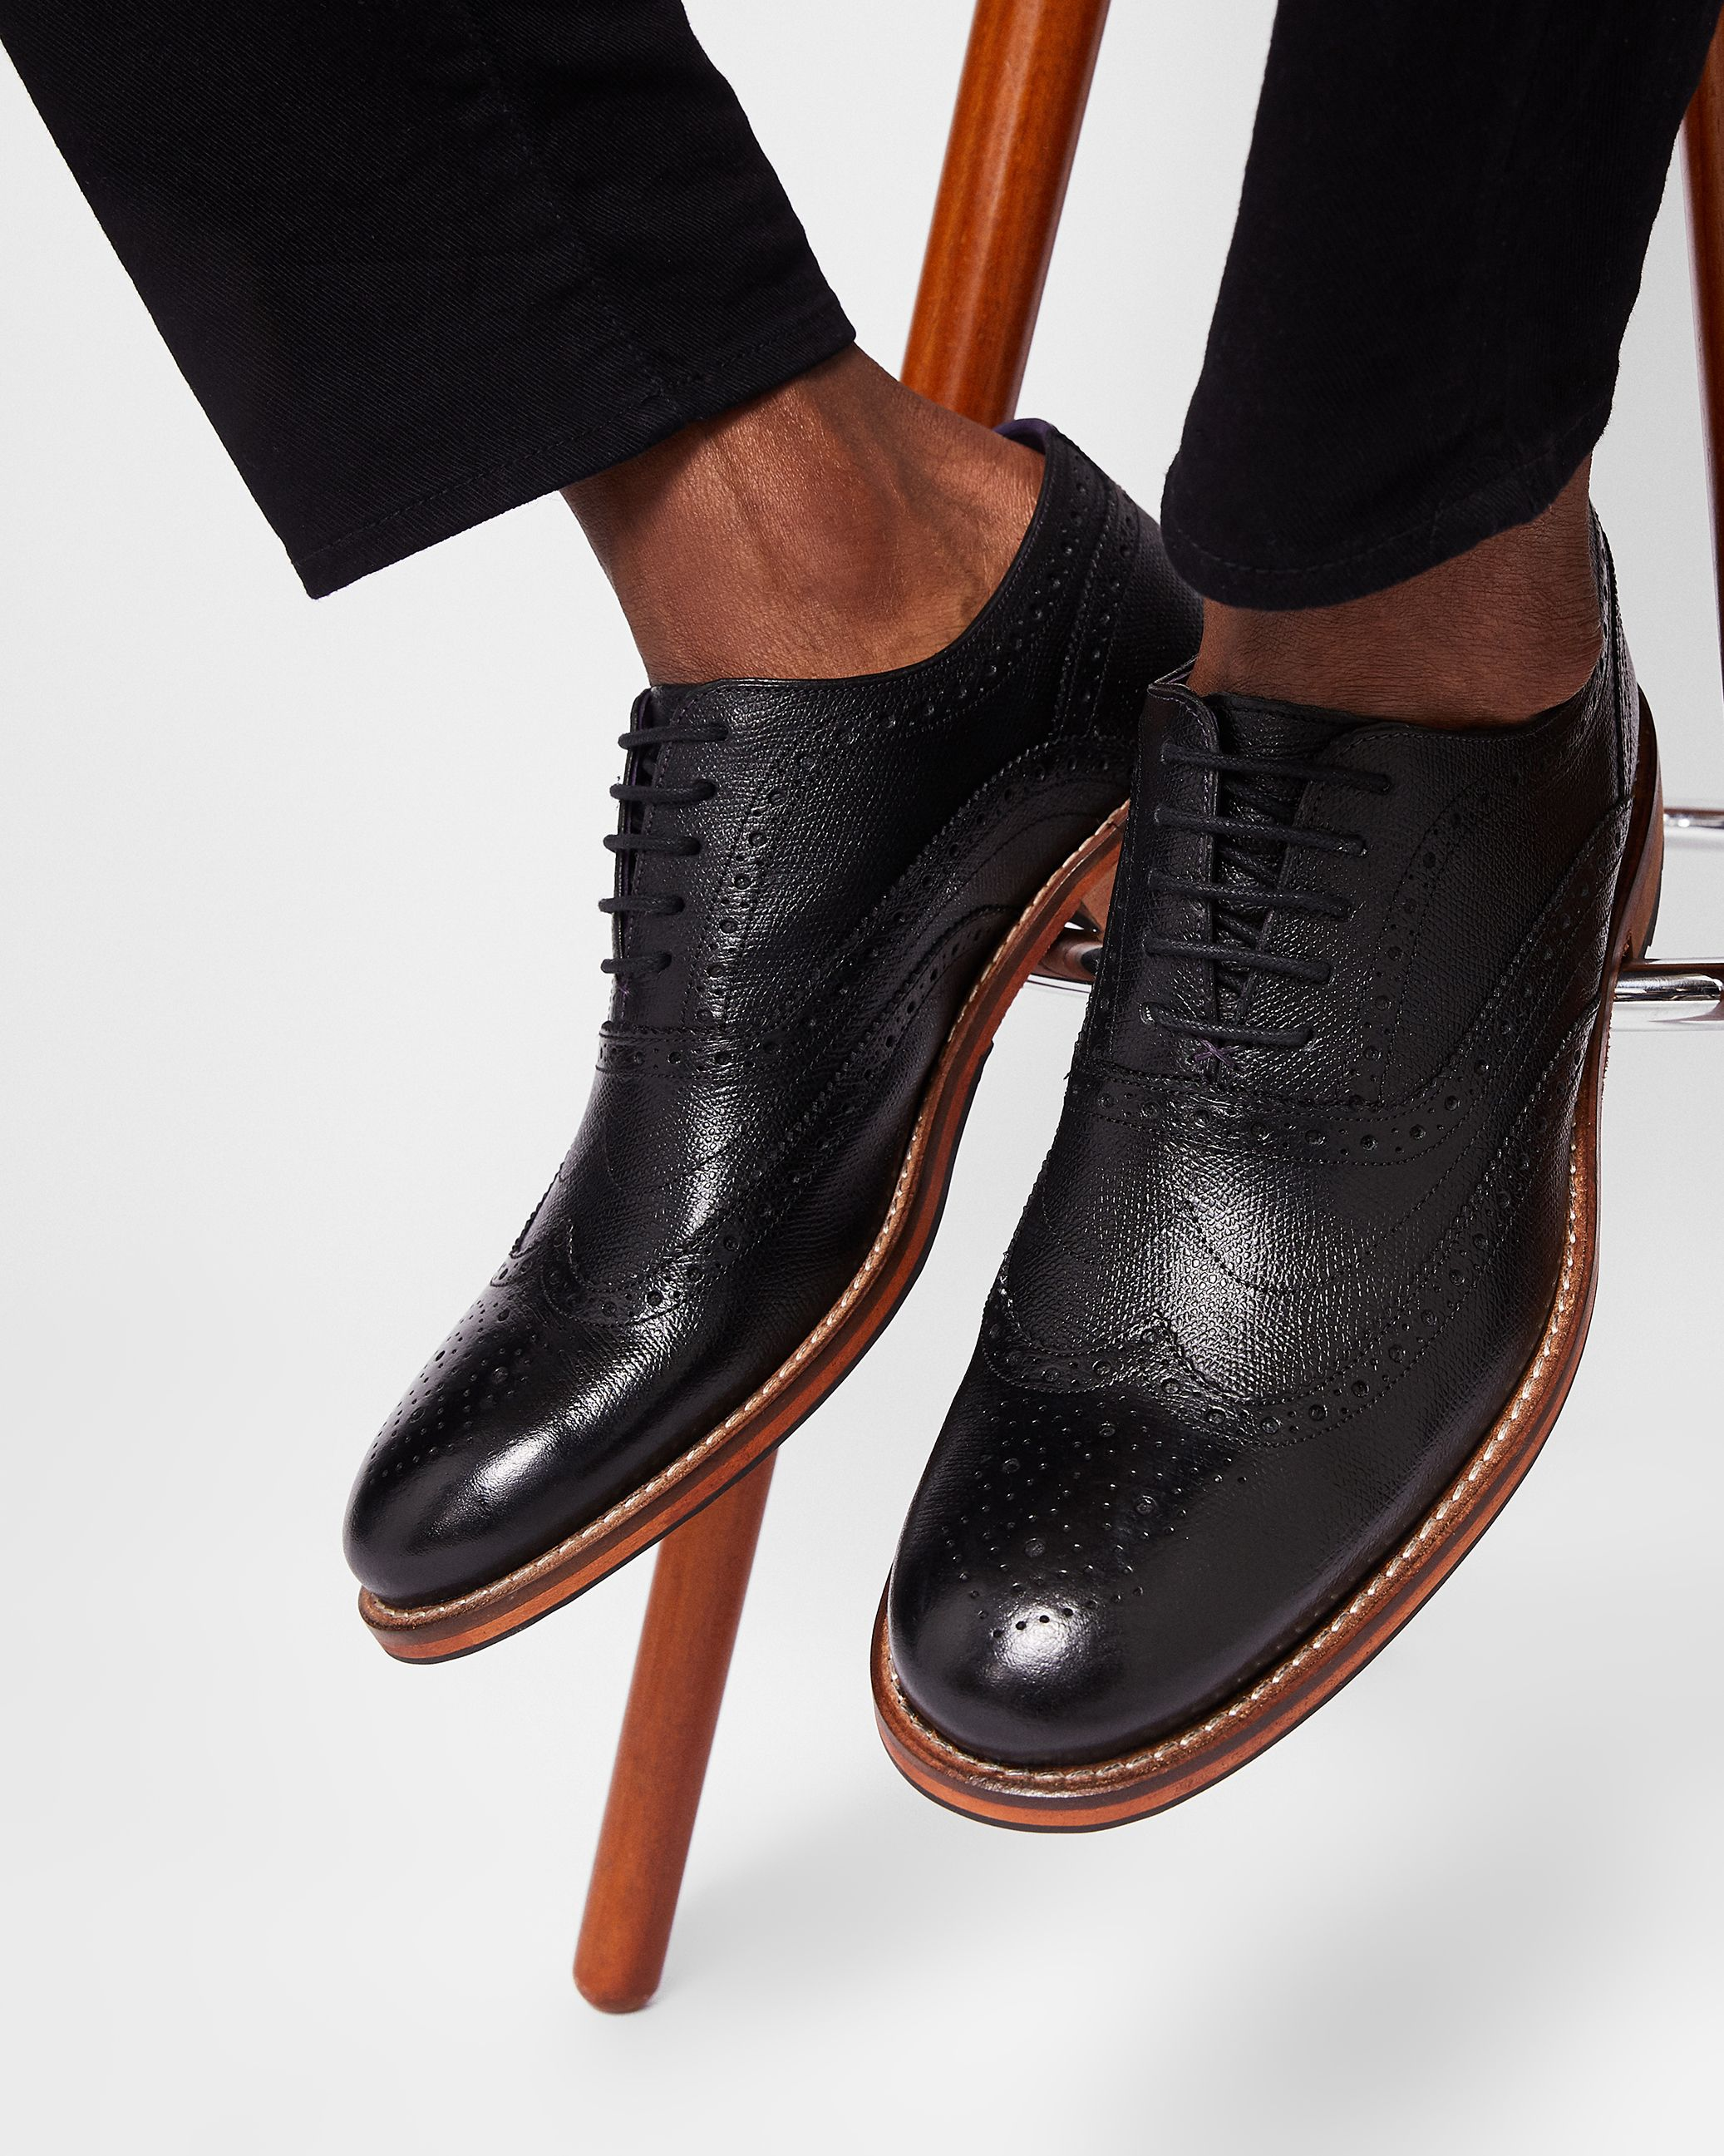 Guri Leather Brogue Shoe in Black